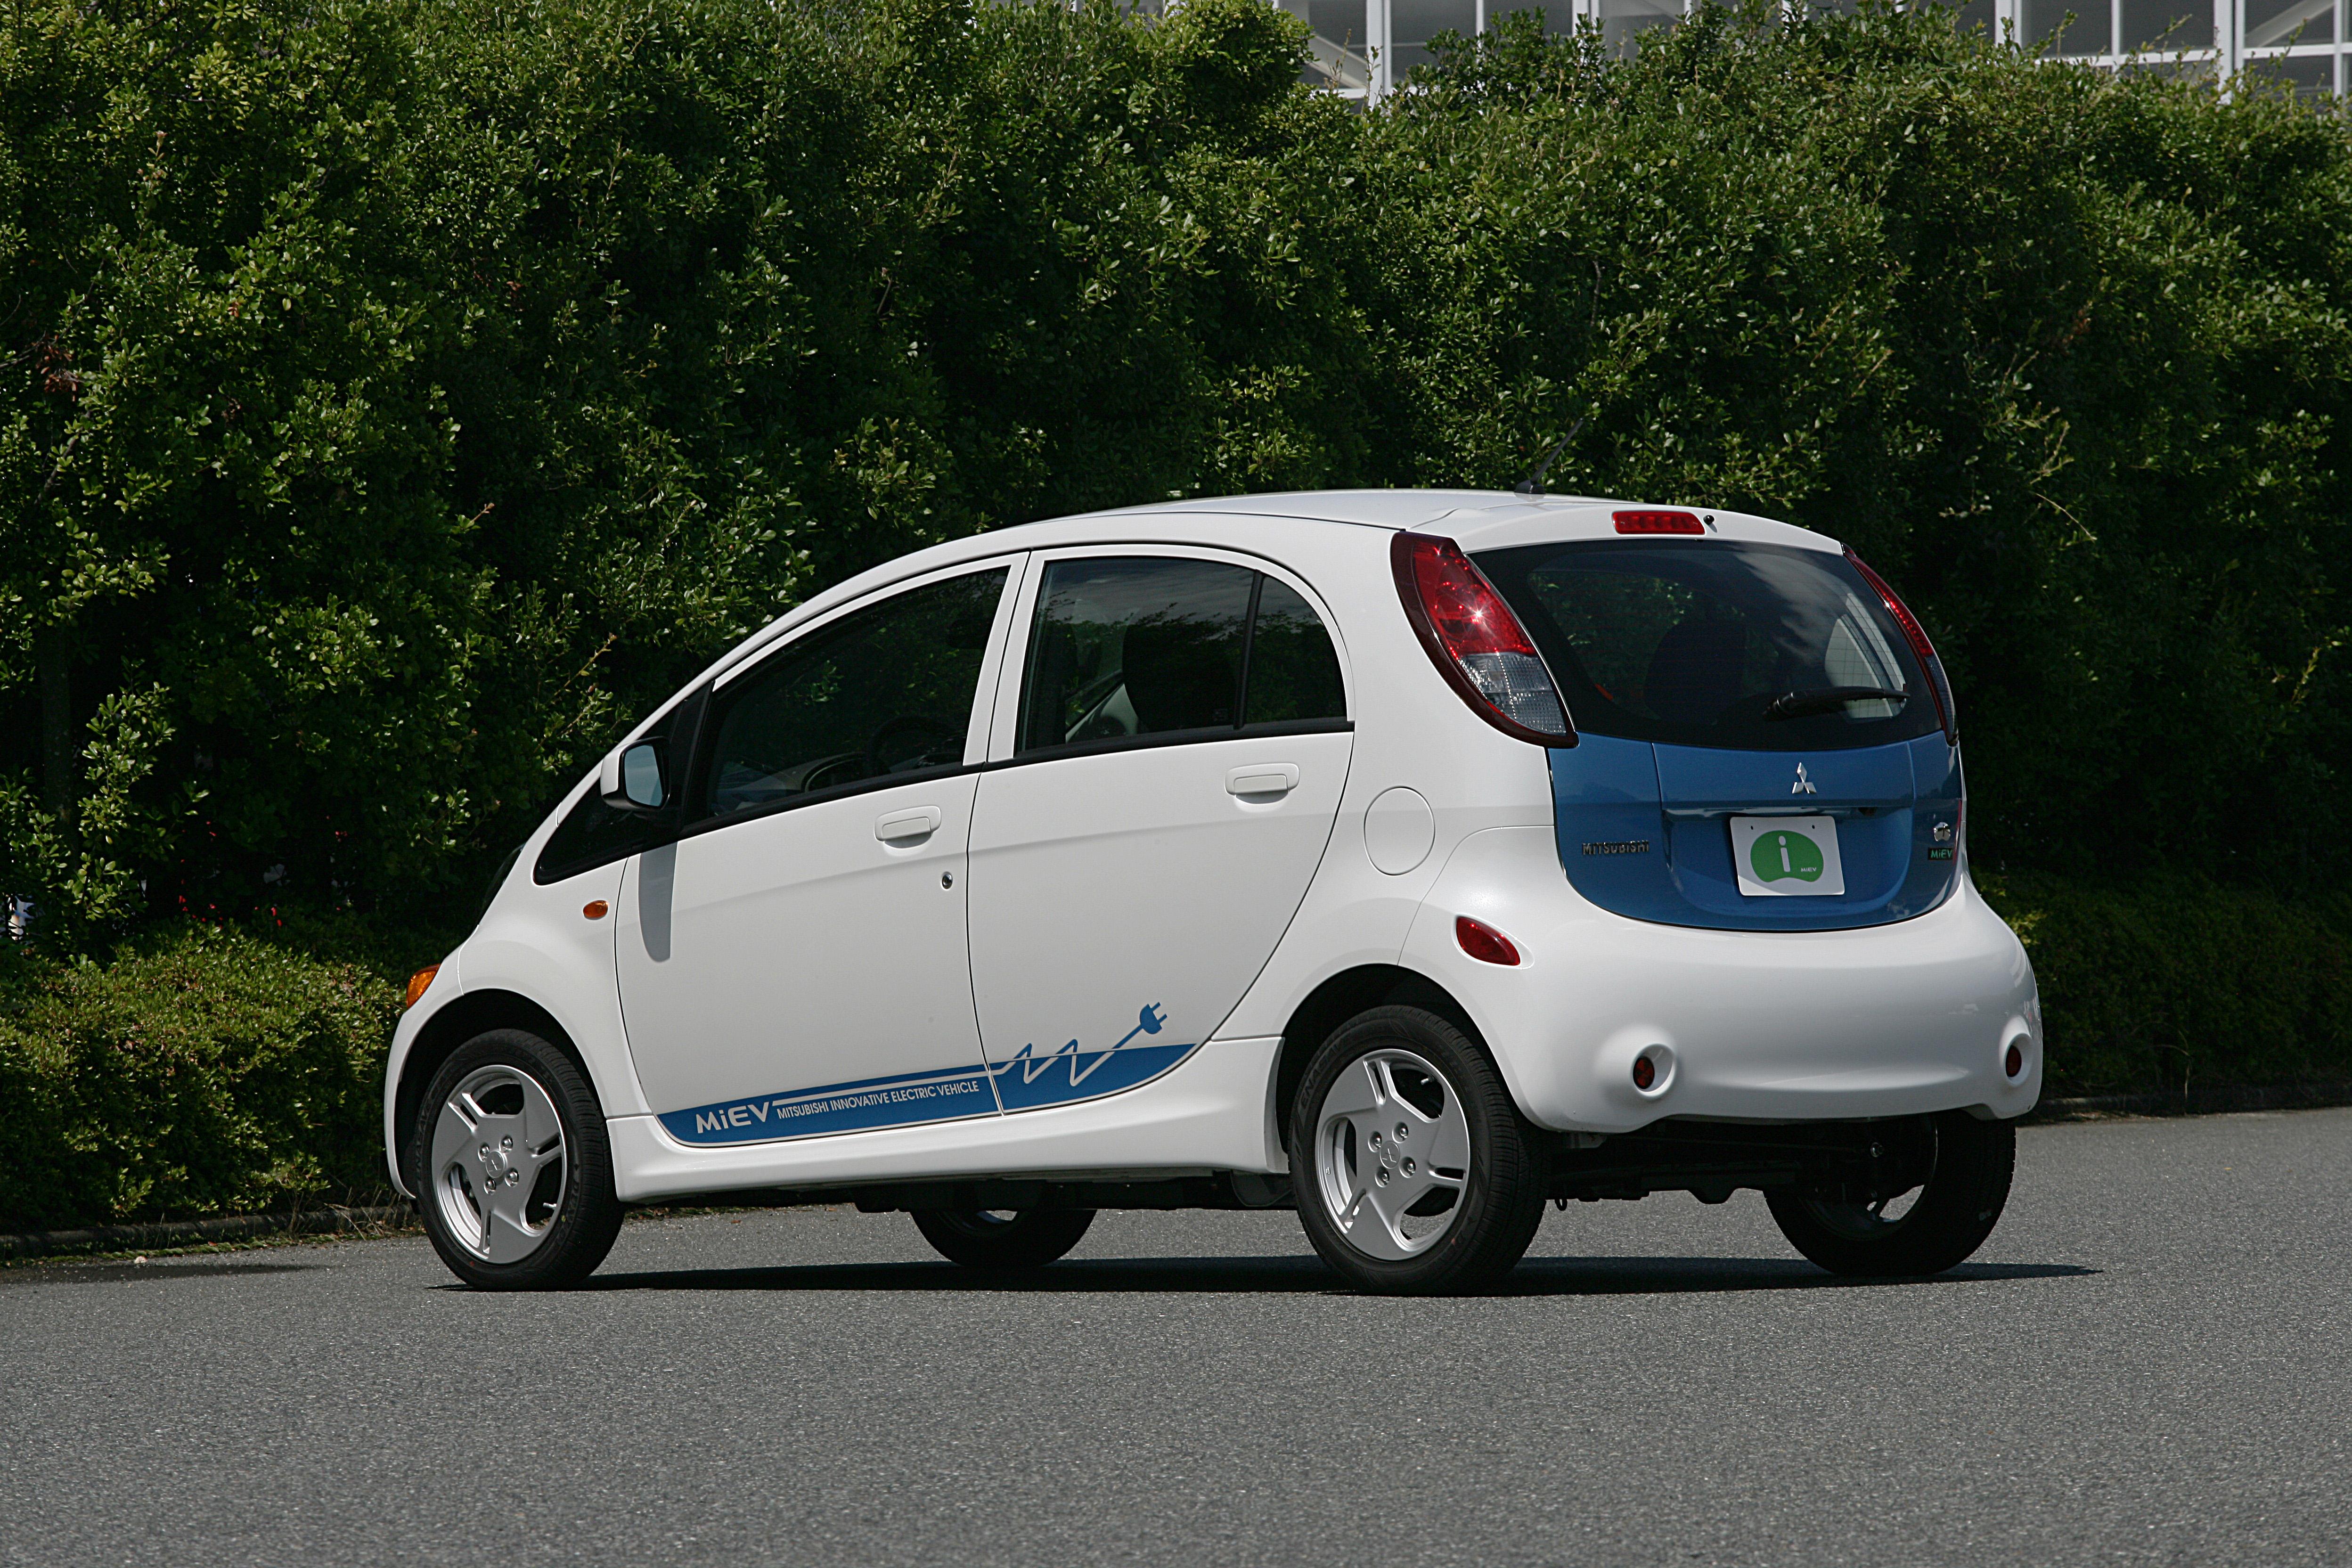 Mitsubishi Electric Car >> Wallpaper Mitsubishi Electric Car Netcarshow Netcar